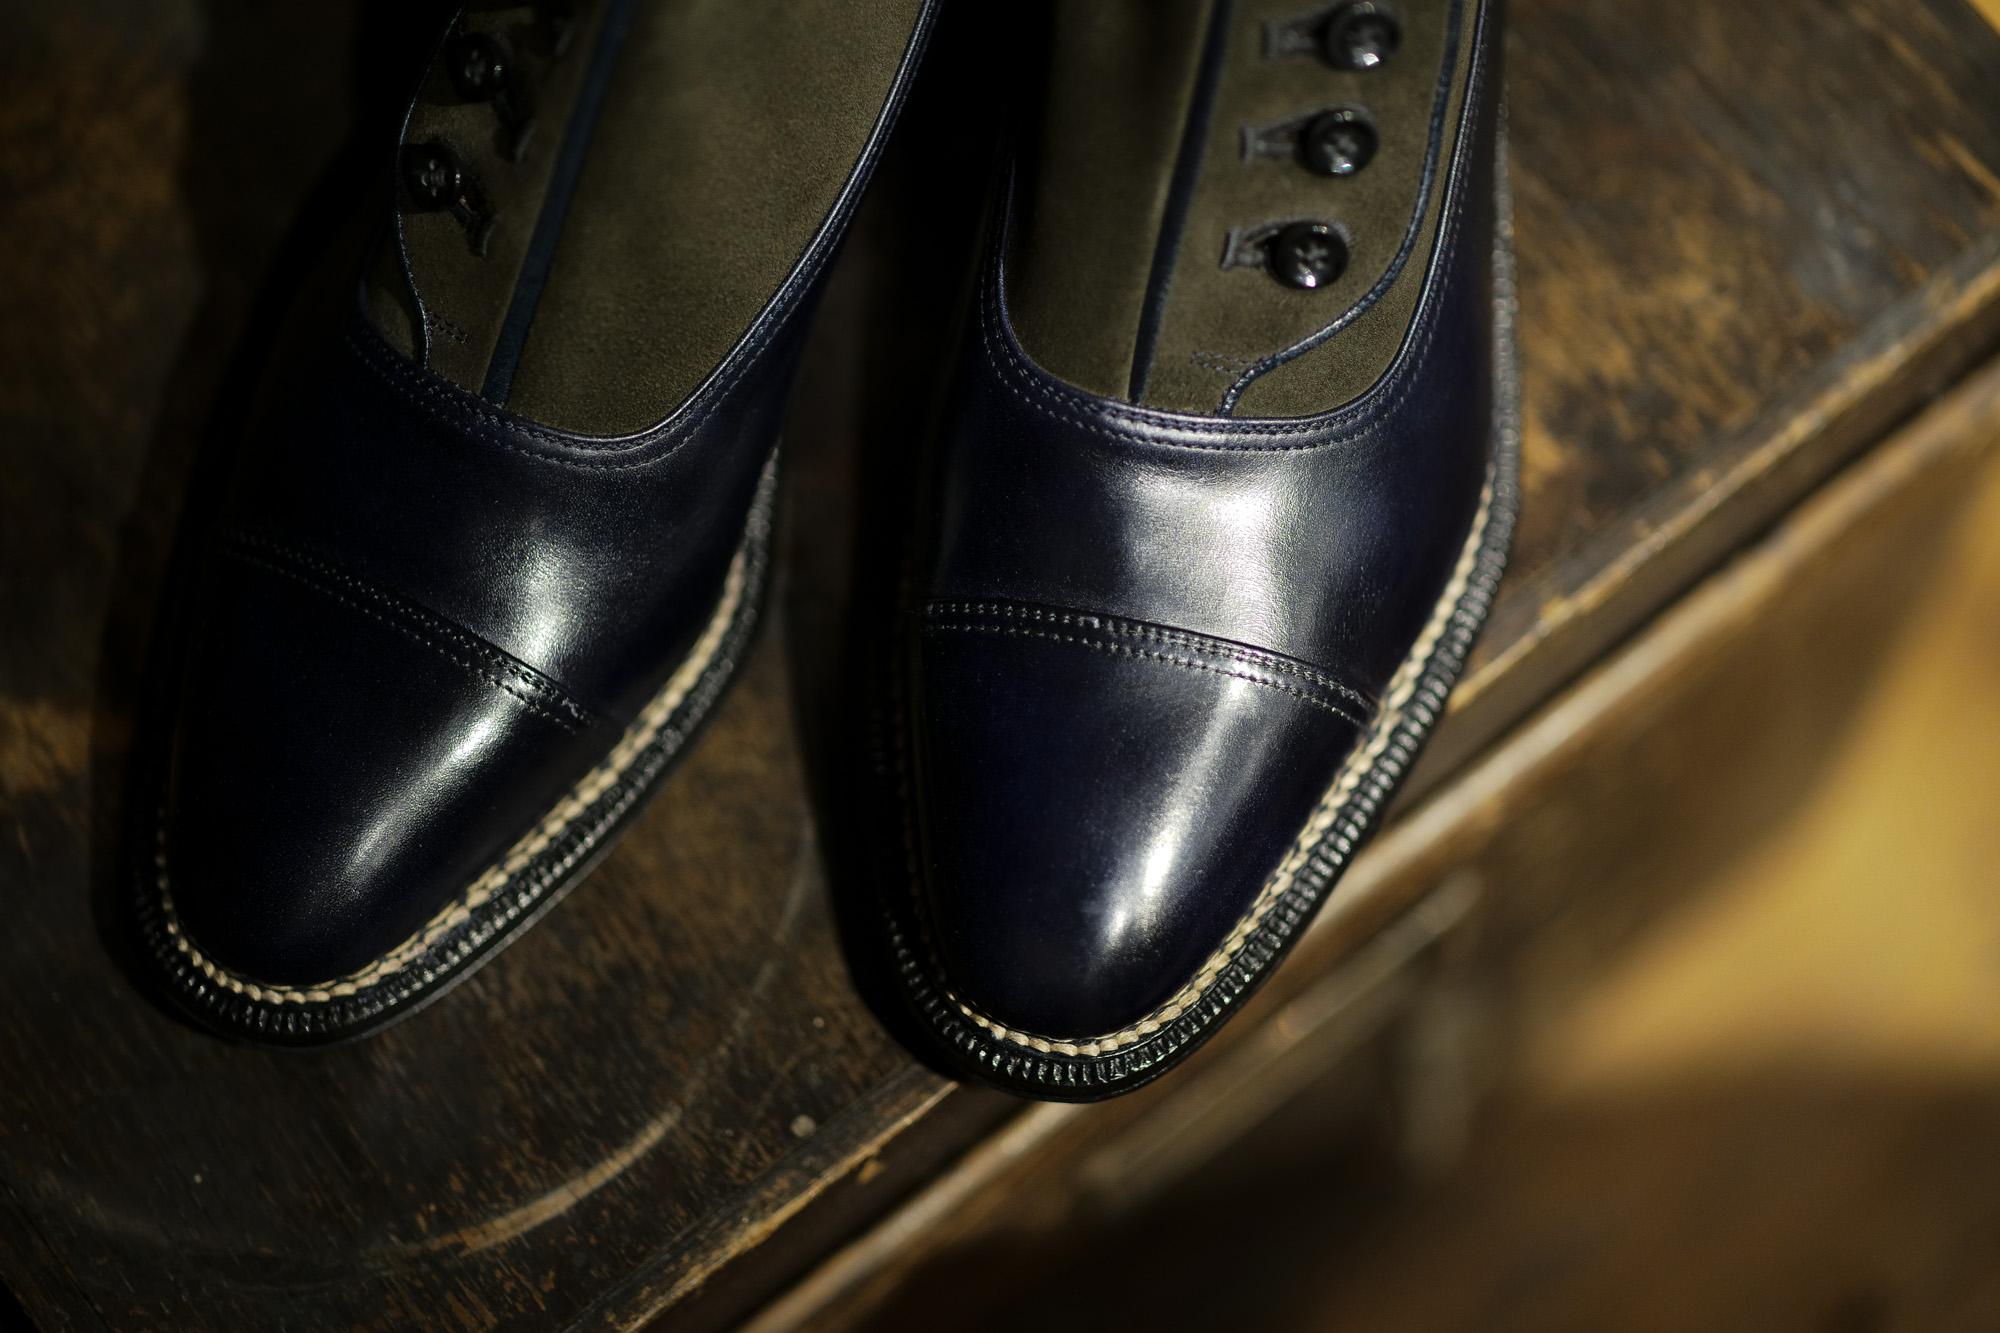 ENZO BONAFE(エンツォボナフェ) ART. 2690 Buttom up Boots(ボタンアップブーツ) MUSEUM CALF(ミュージアムカーフ) ドレスシューズ ドレスブーツ Deep Blue×Loden(ディープブルー×ローデン) made in italy (イタリア製) enzobonafe エンツォボナフェ レザーブーツ 愛知 名古屋 altoediritto アルトエデリット